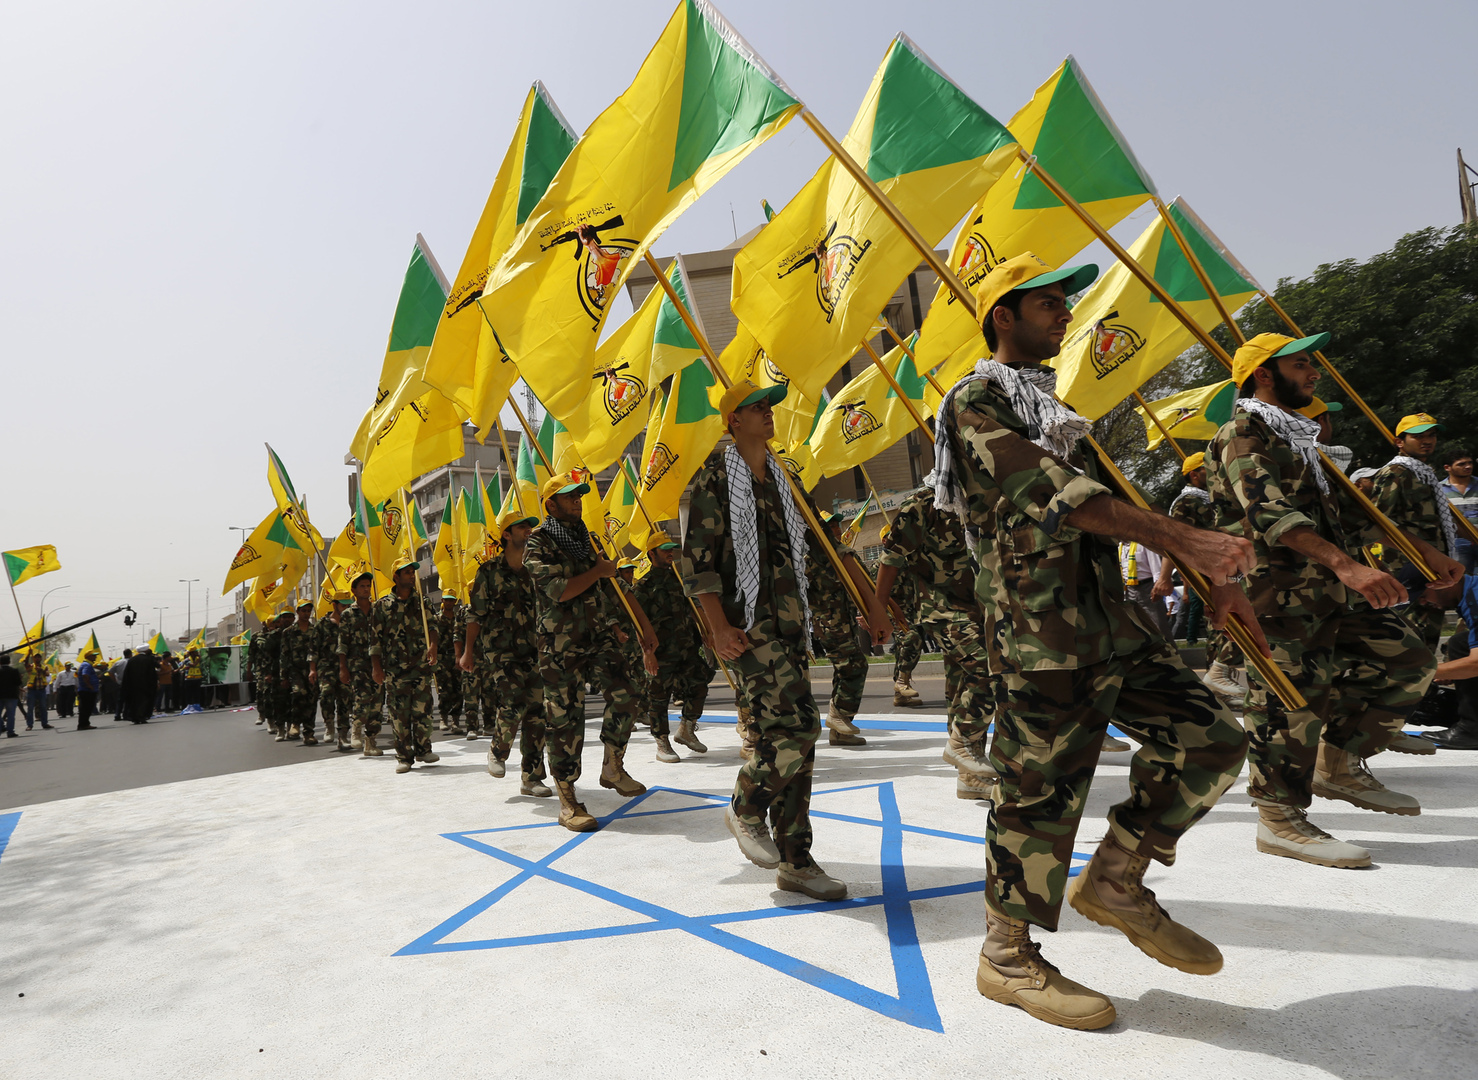 بيان للقوات العراقية حول عملية اعتقال عناصر